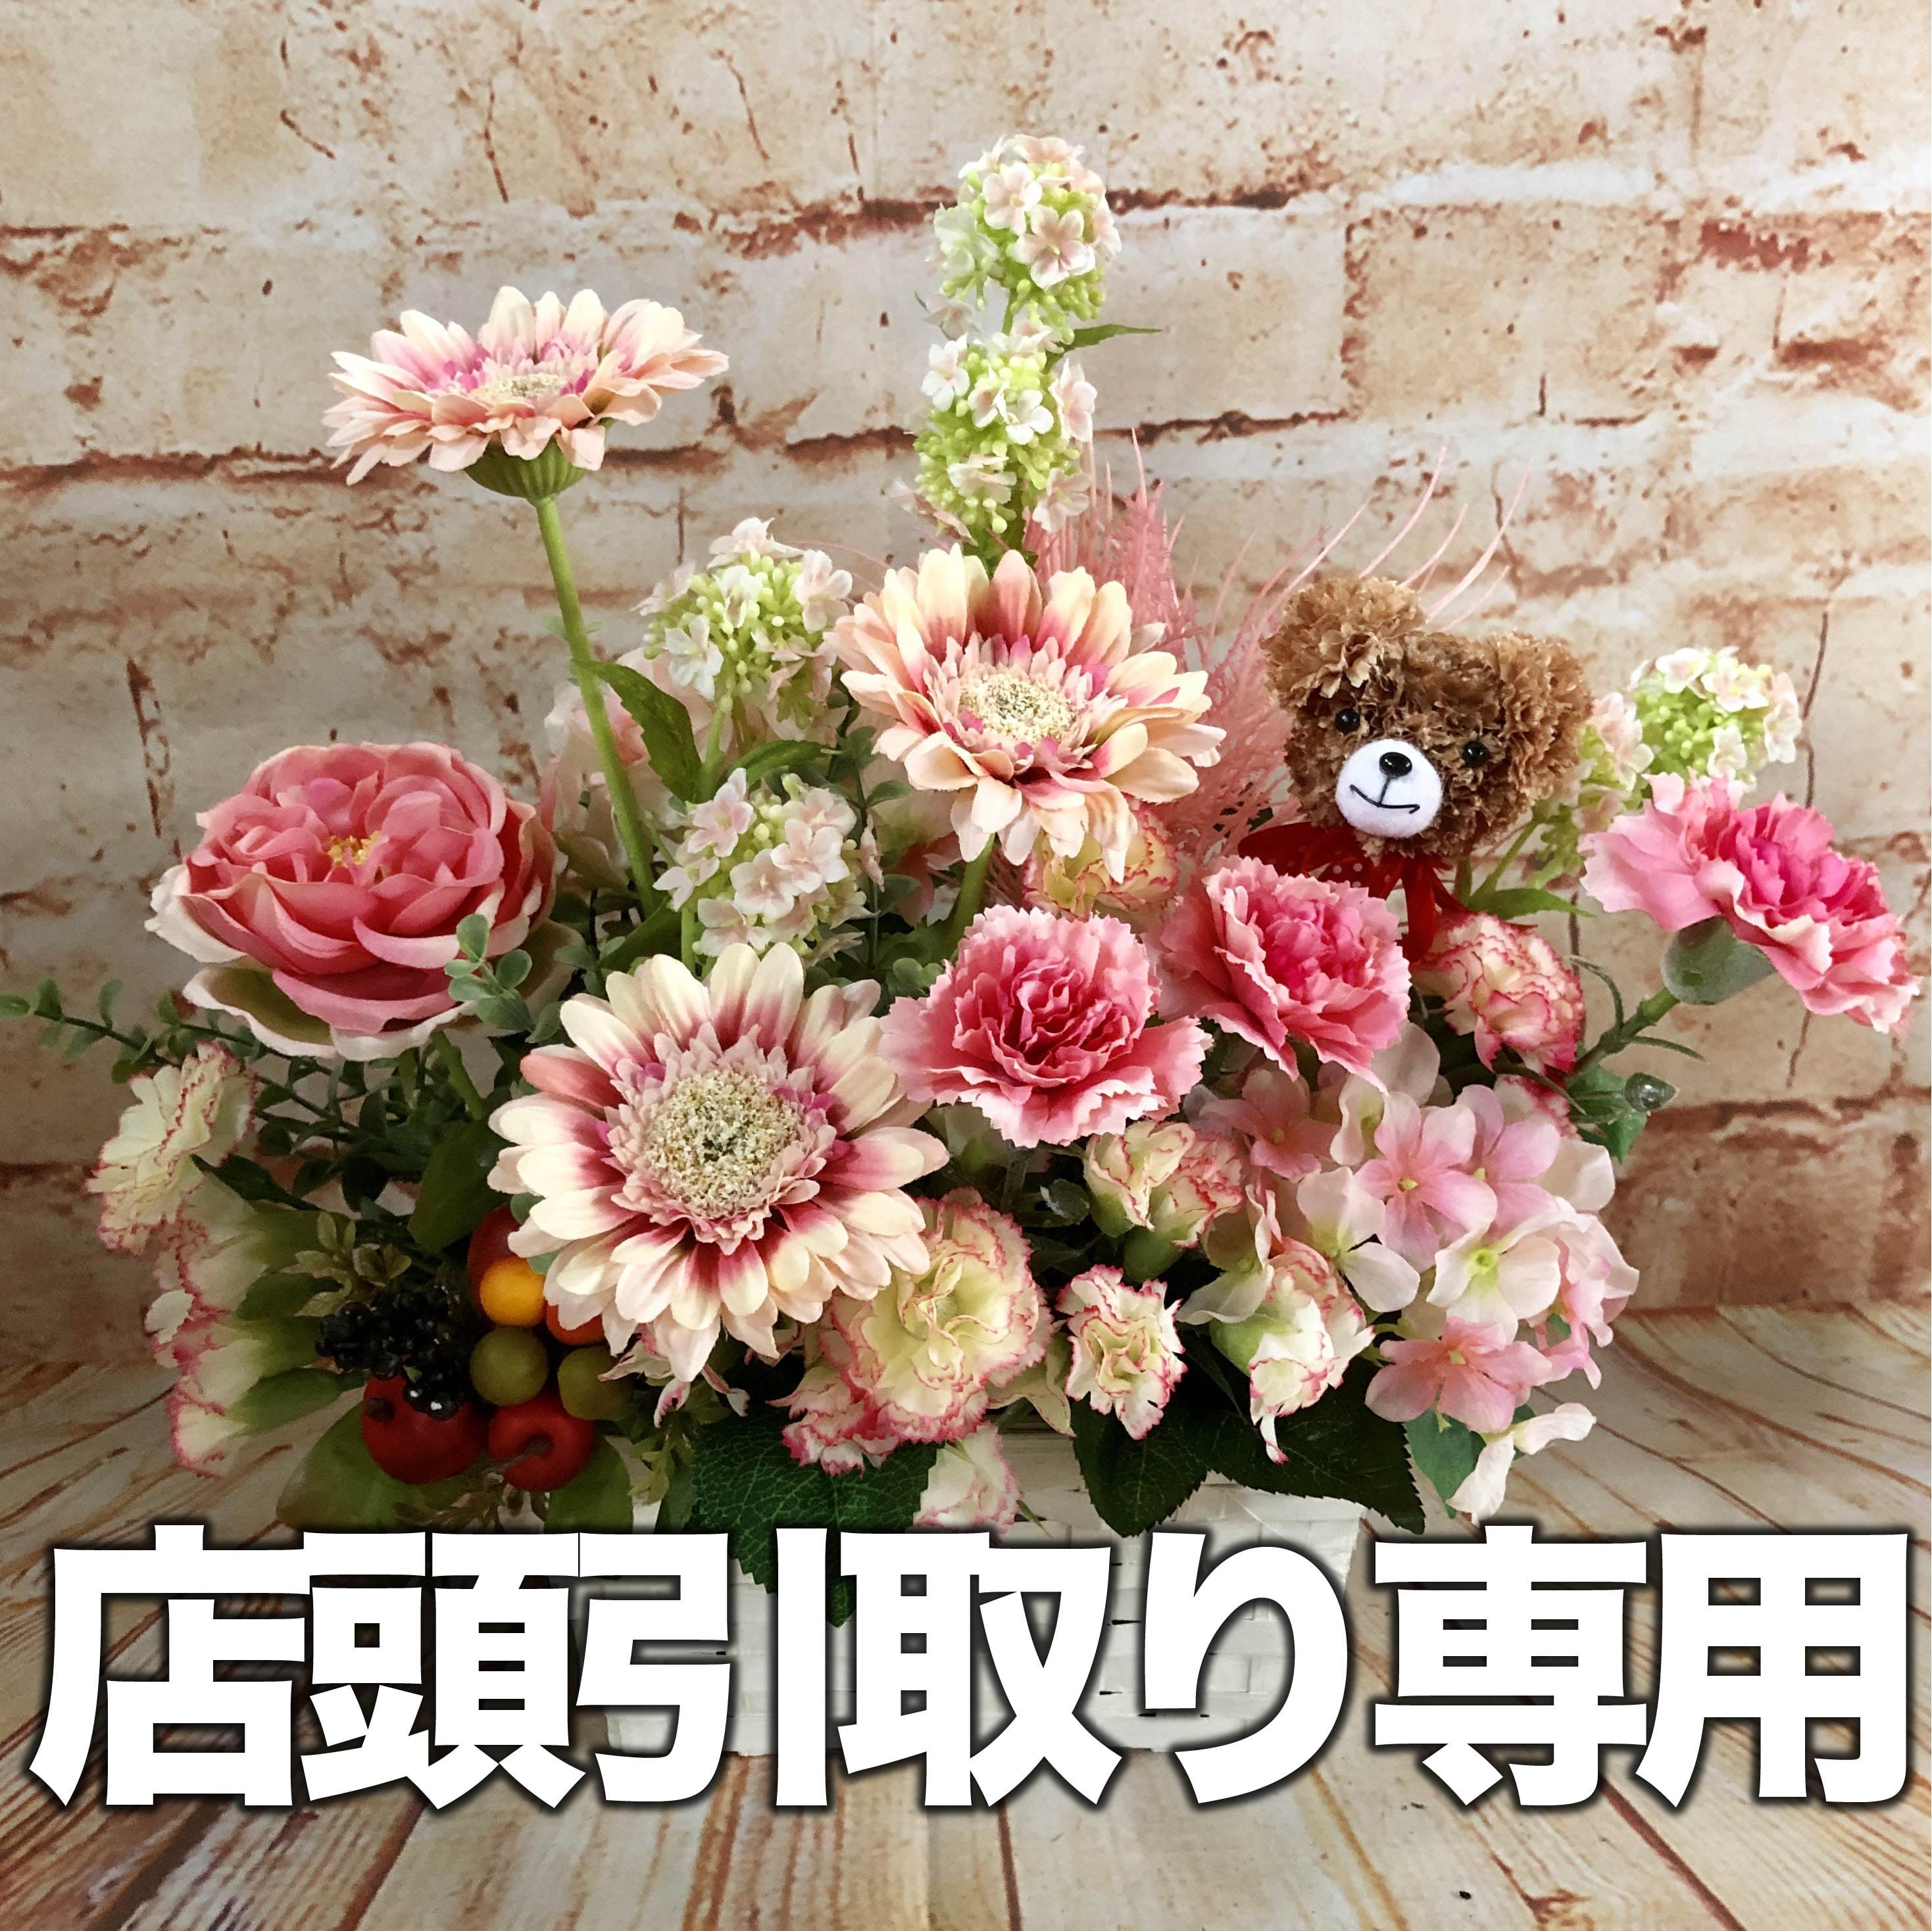 【店頭引取り専用】数量限定 母の日カーネーションアレンジ/プレゼント/ピンク/枯れないお花造花/プレゼントに喜ばれる/大切な人へのプレゼント/贈答用/特別なプレゼント/形に残る/人とは違う物がいい/母-2のイメージその1